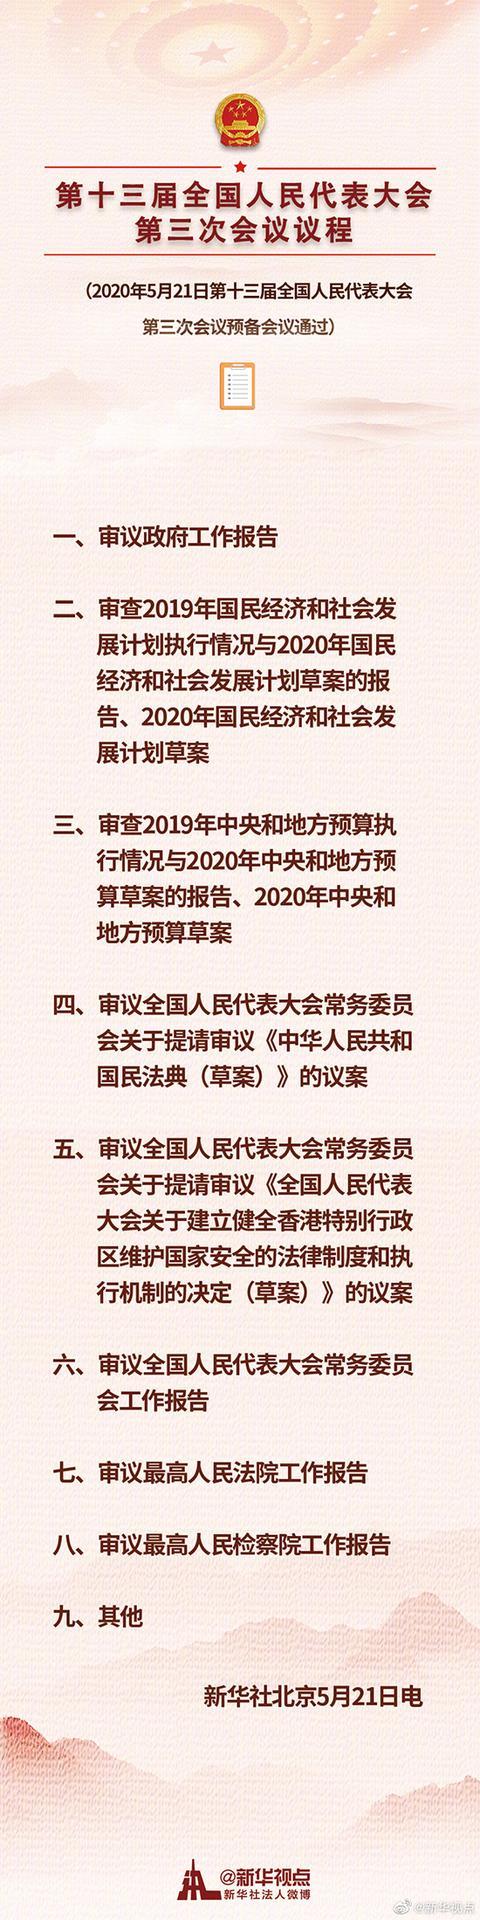 新华网客户端十三届全国人大三次会议议程